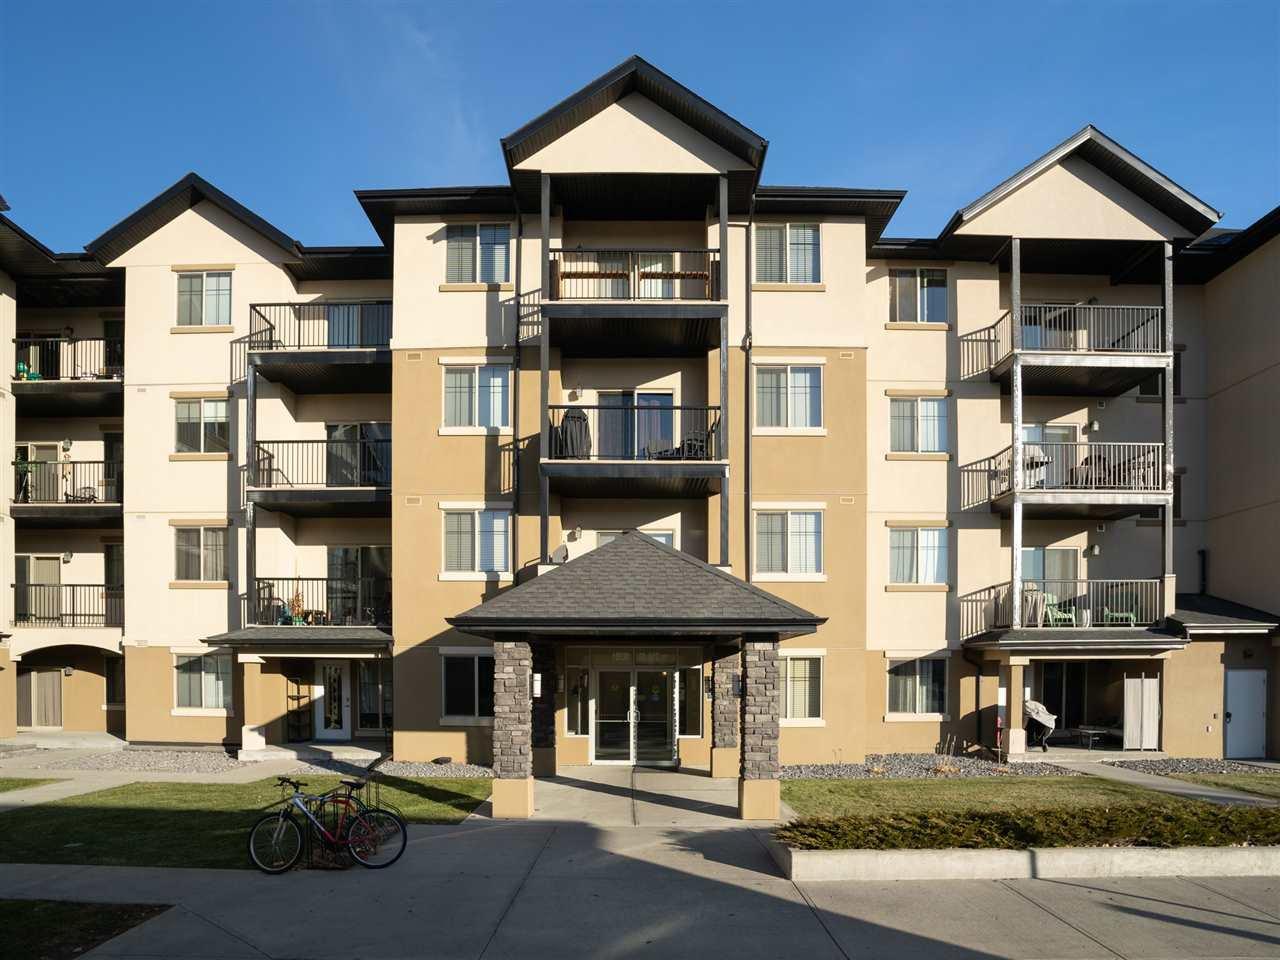 Main Photo: 102 10530 56 Avenue in Edmonton: Zone 15 Condo for sale : MLS®# E4179173